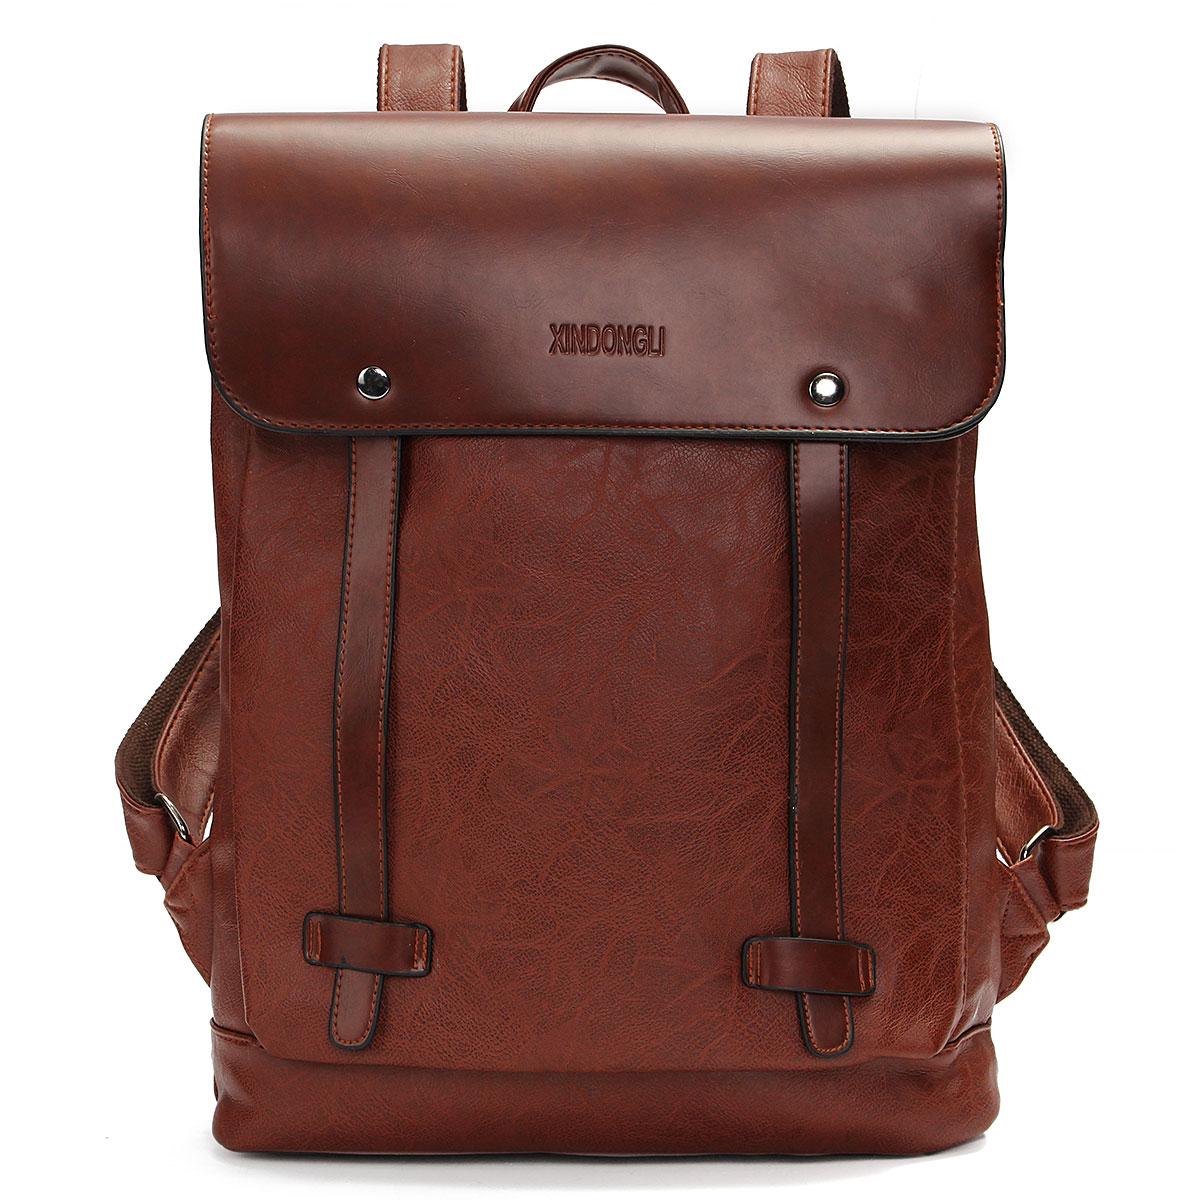 sac dos cartable pu cuir vintage homme femme voyage. Black Bedroom Furniture Sets. Home Design Ideas